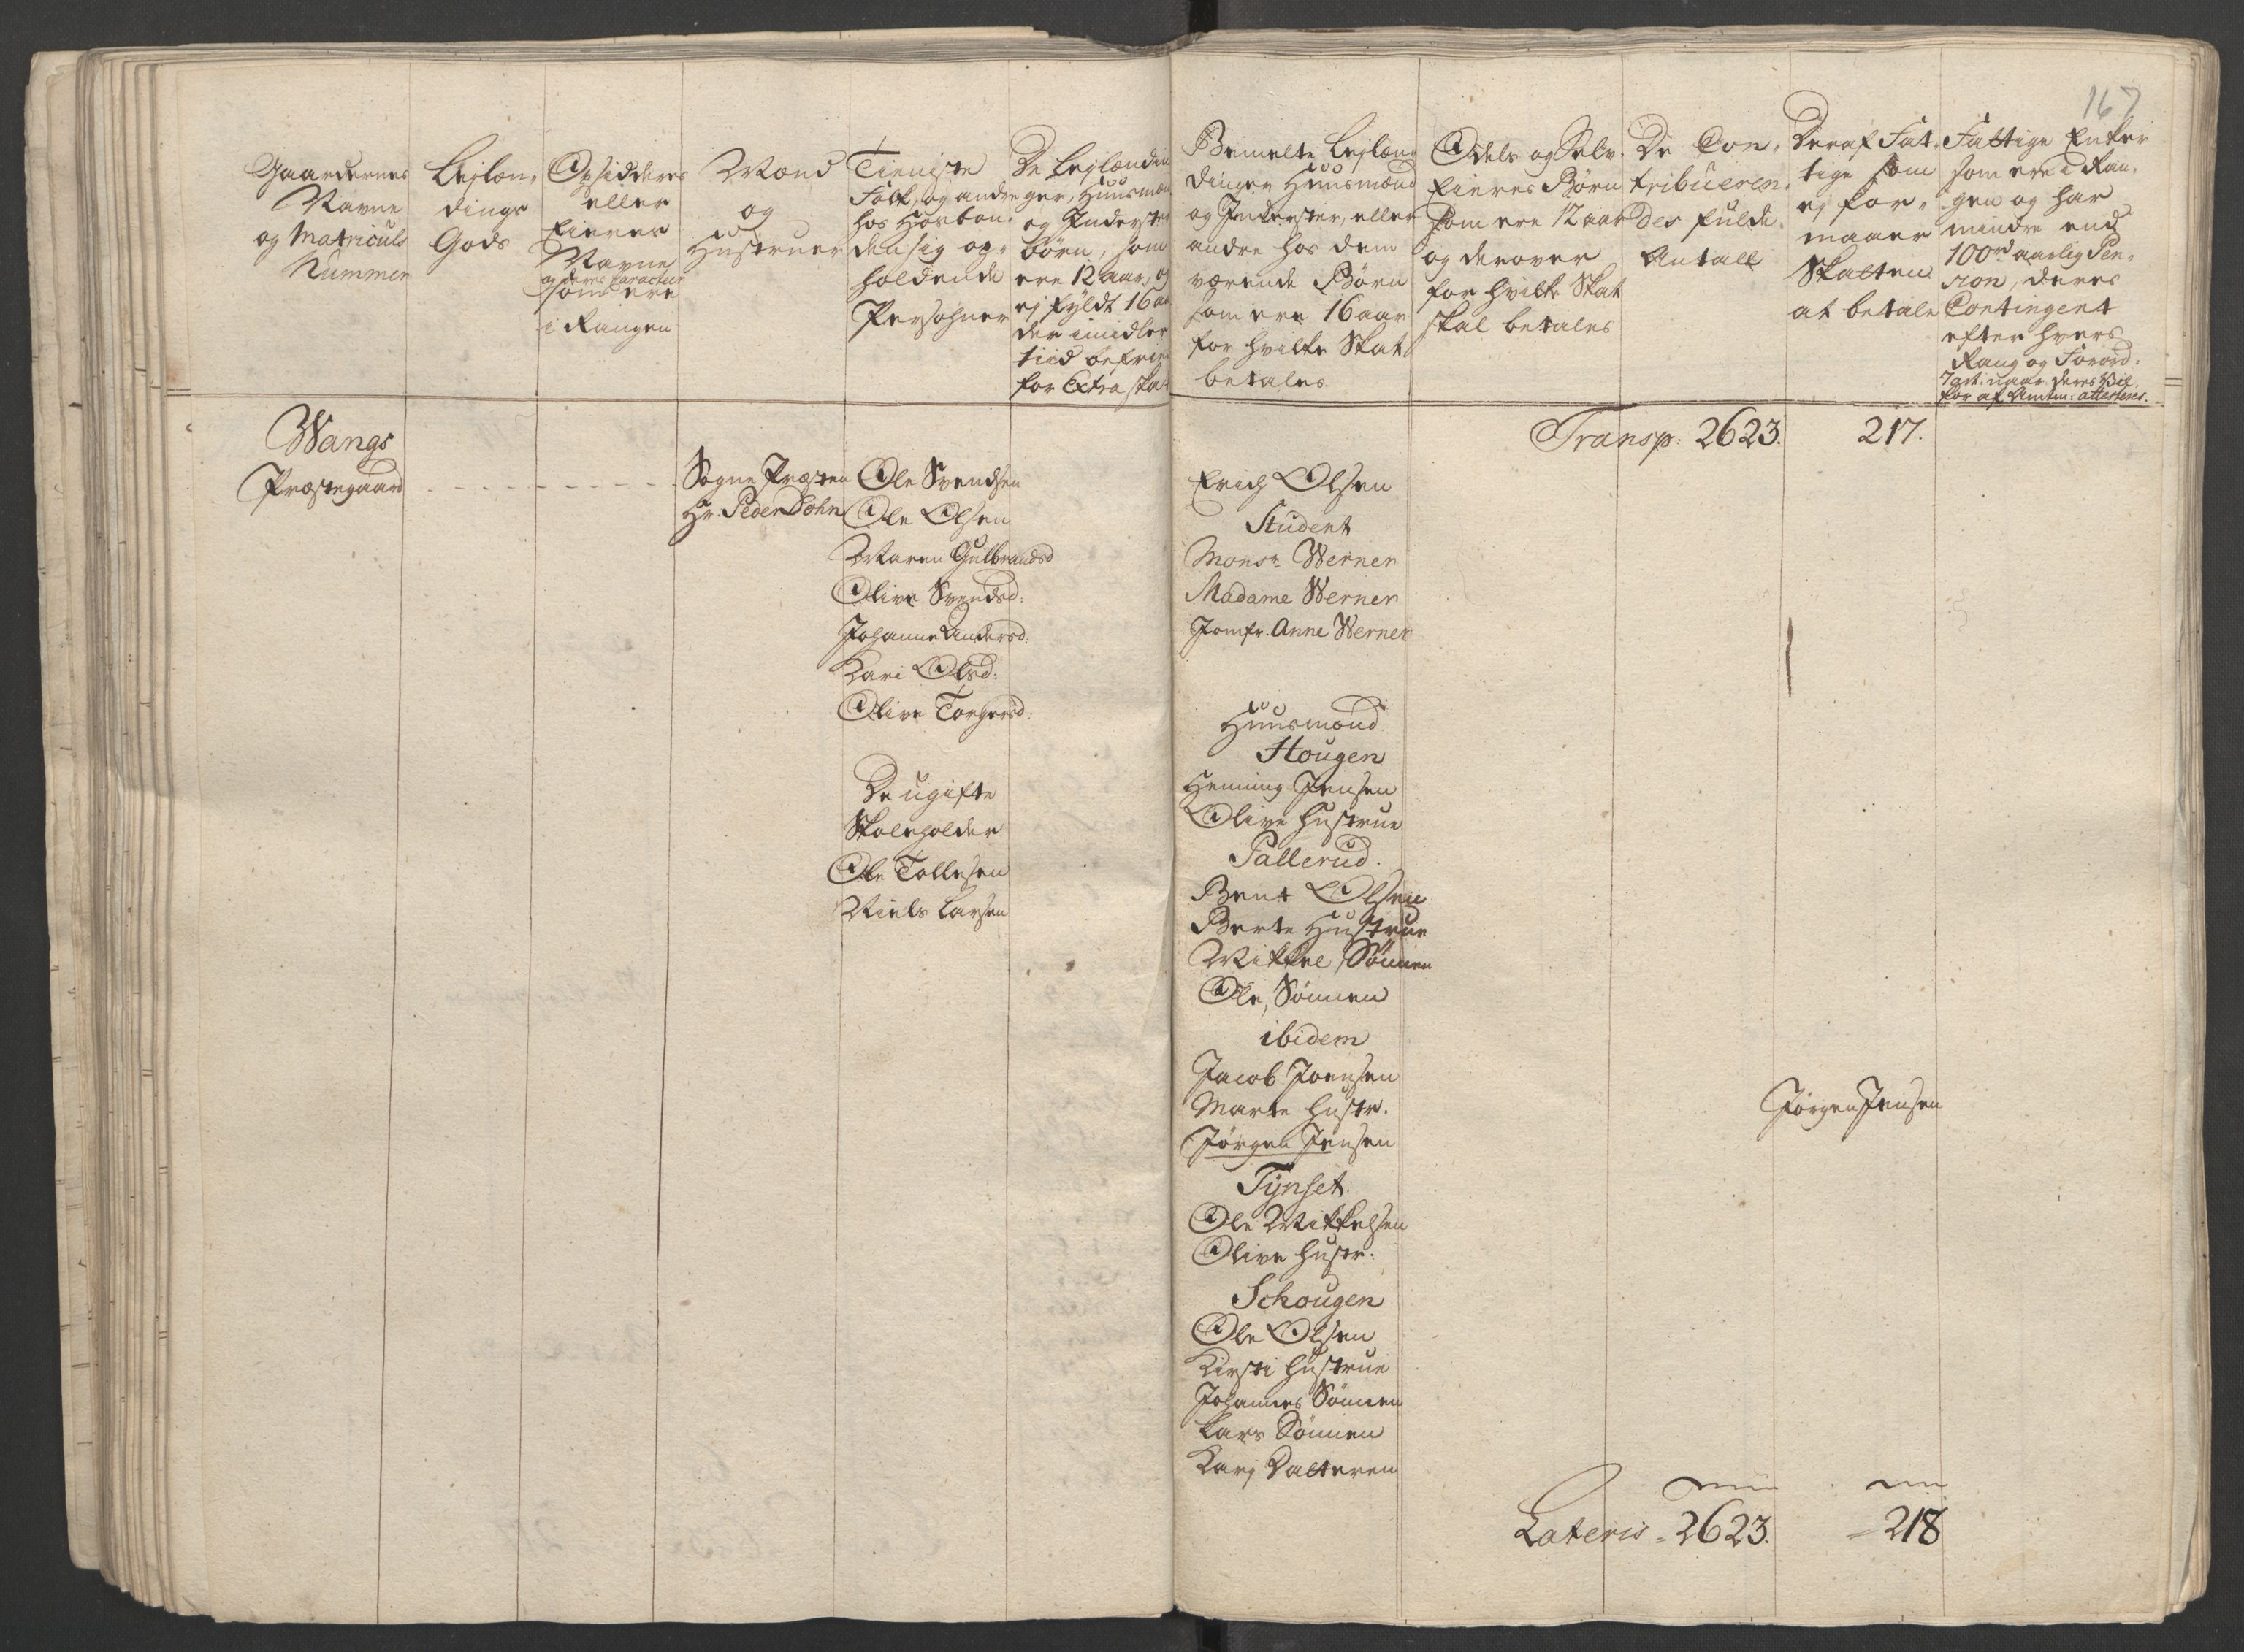 RA, Rentekammeret inntil 1814, Reviderte regnskaper, Fogderegnskap, R16/L1147: Ekstraskatten Hedmark, 1763-1764, p. 305